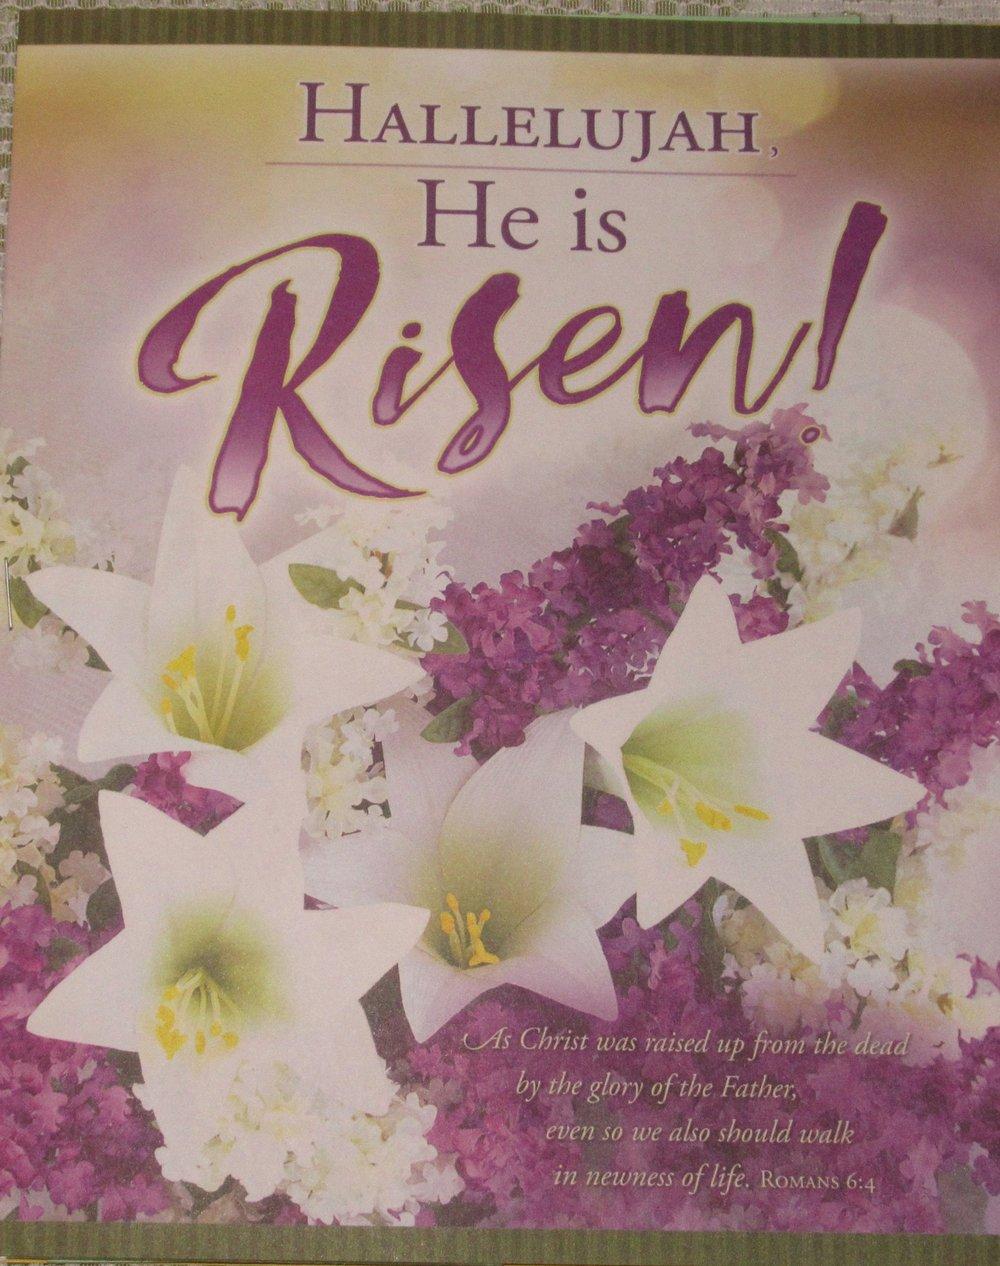 St. Paul UMC Easter April 1, 2018 (1).JPG